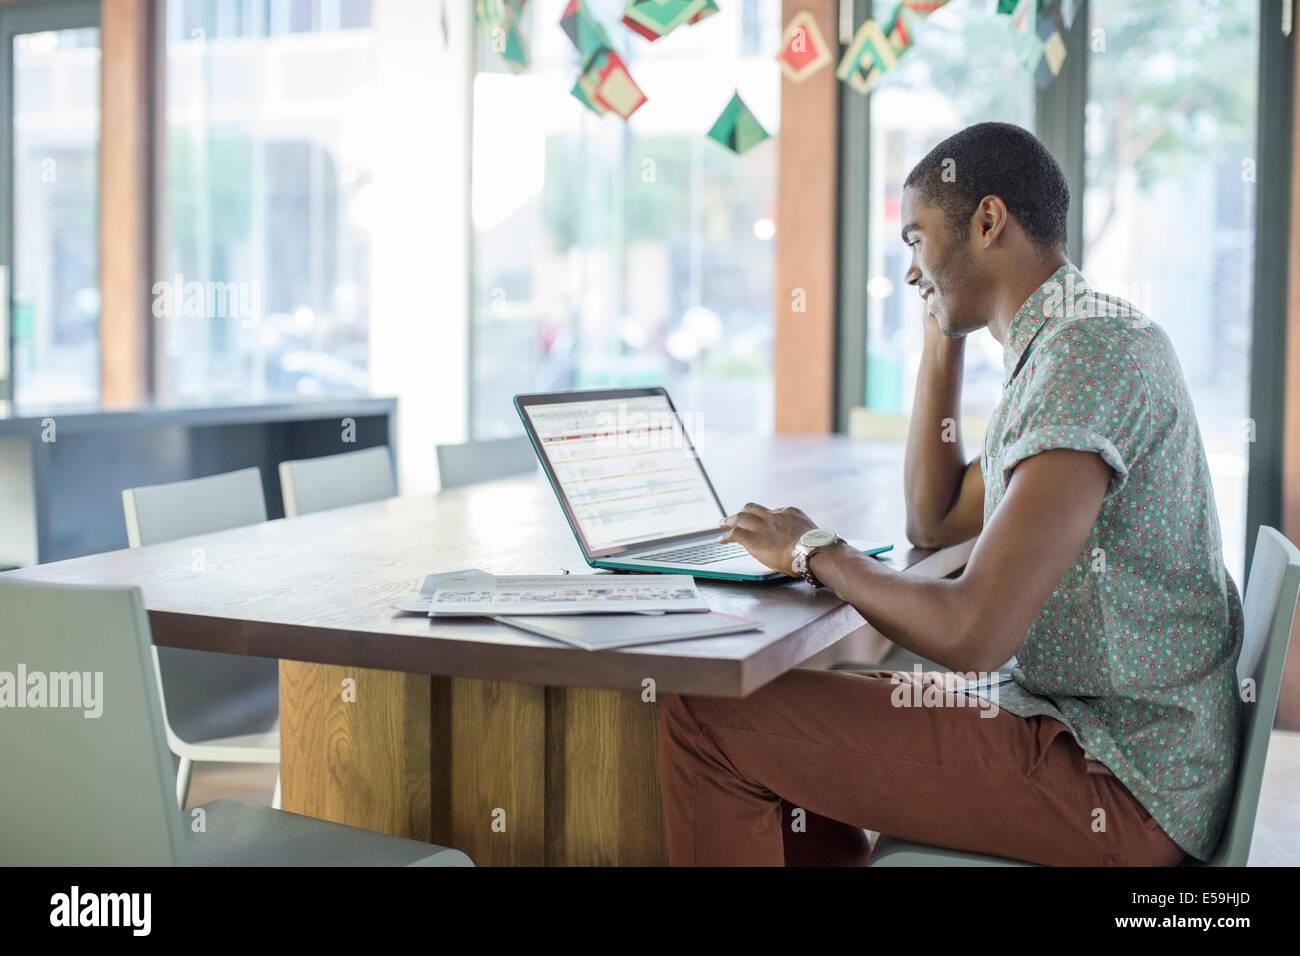 Hombre trabajando con un portátil en la oficina Imagen De Stock